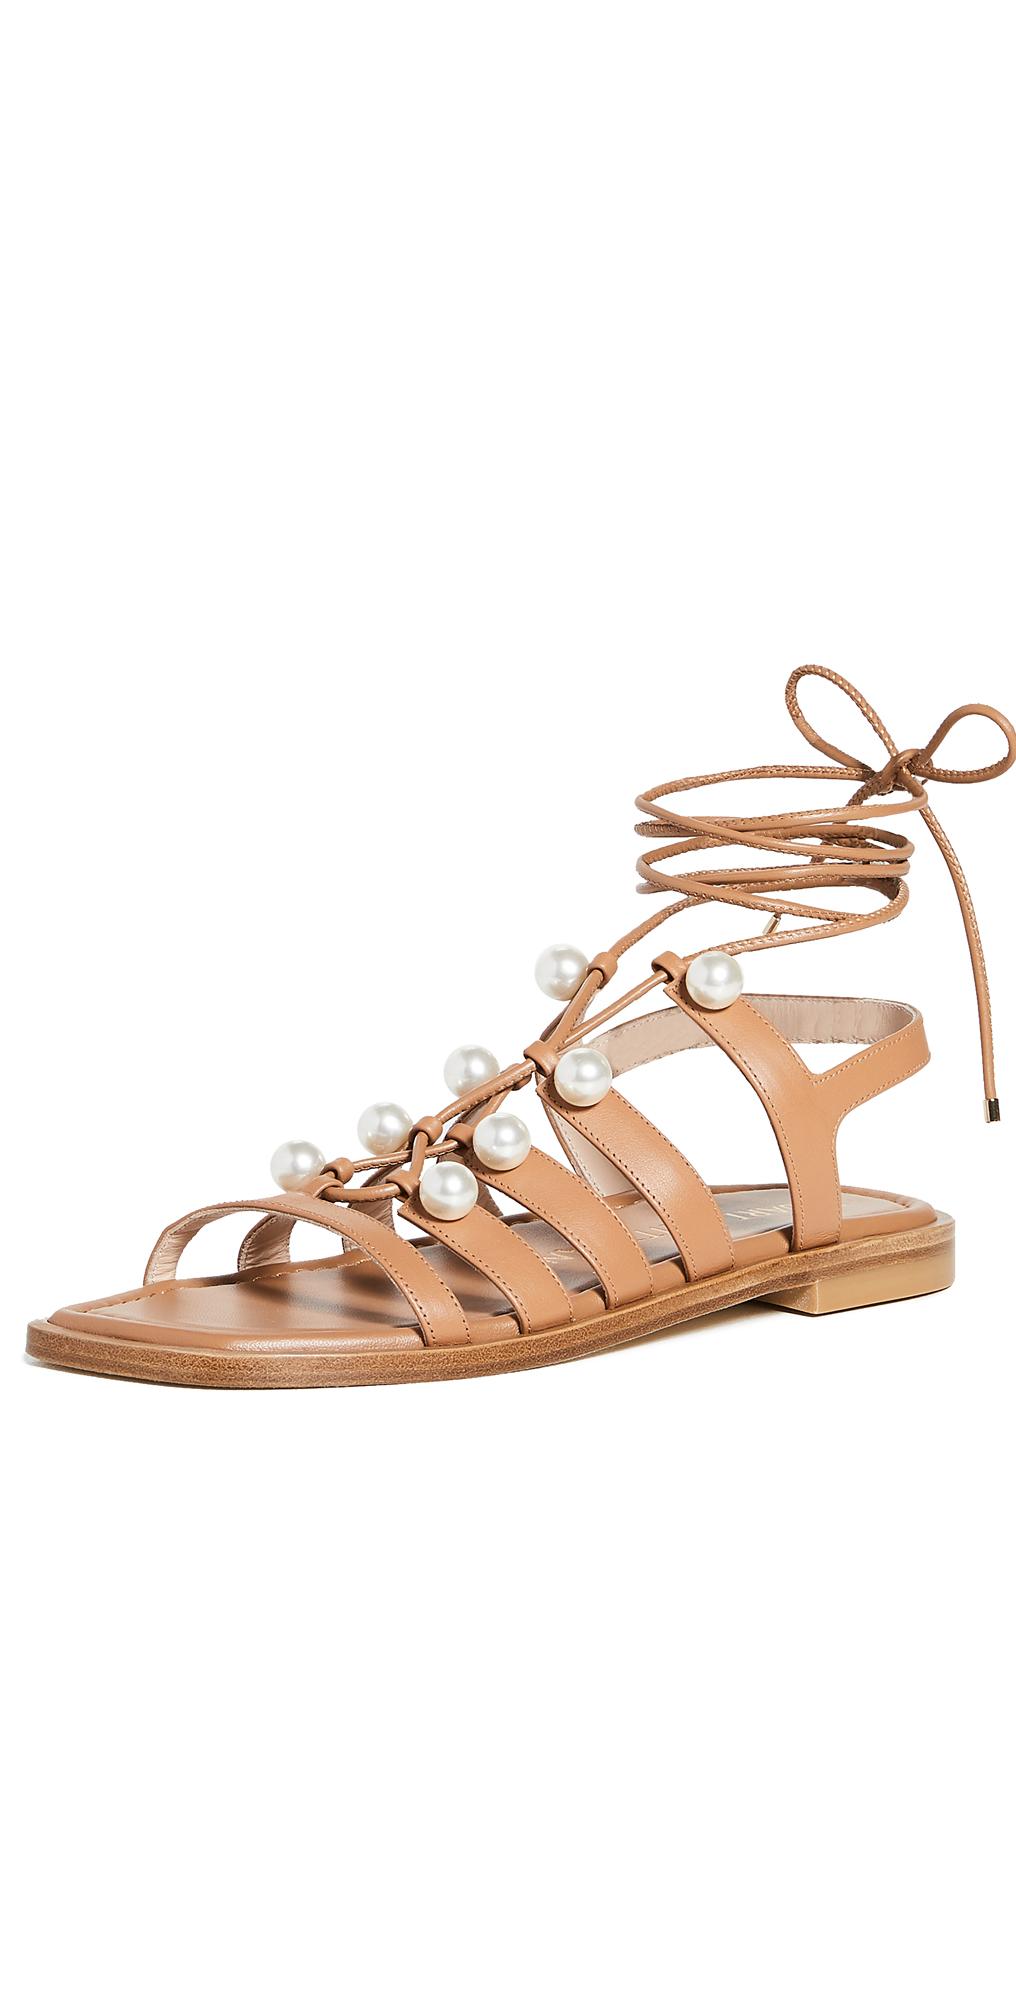 Stuart Weitzman Goldie Lace Up Sandals